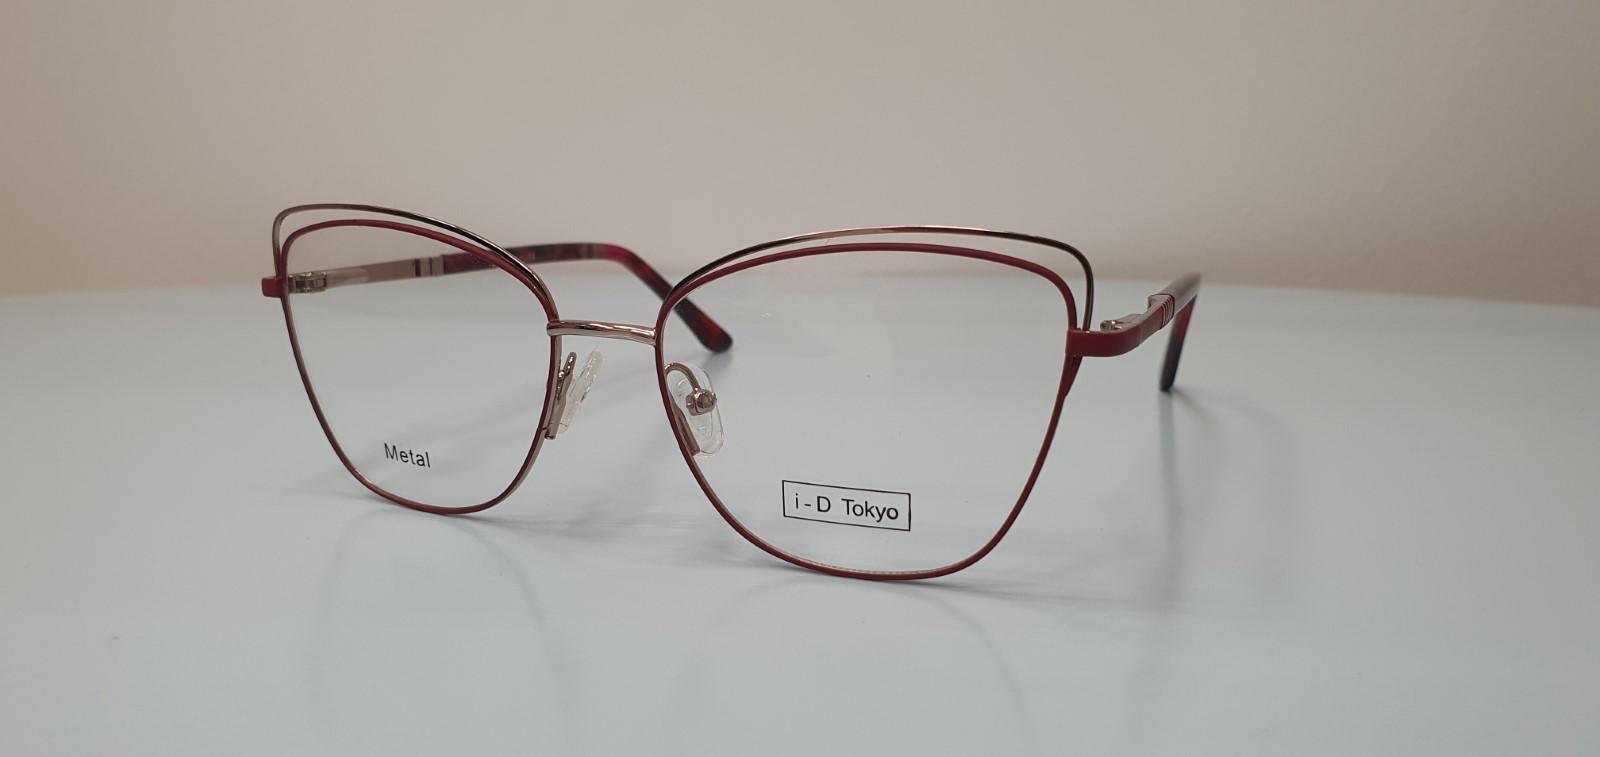 okulary-korekcyjne-katowice-oprawki-okularowe-03